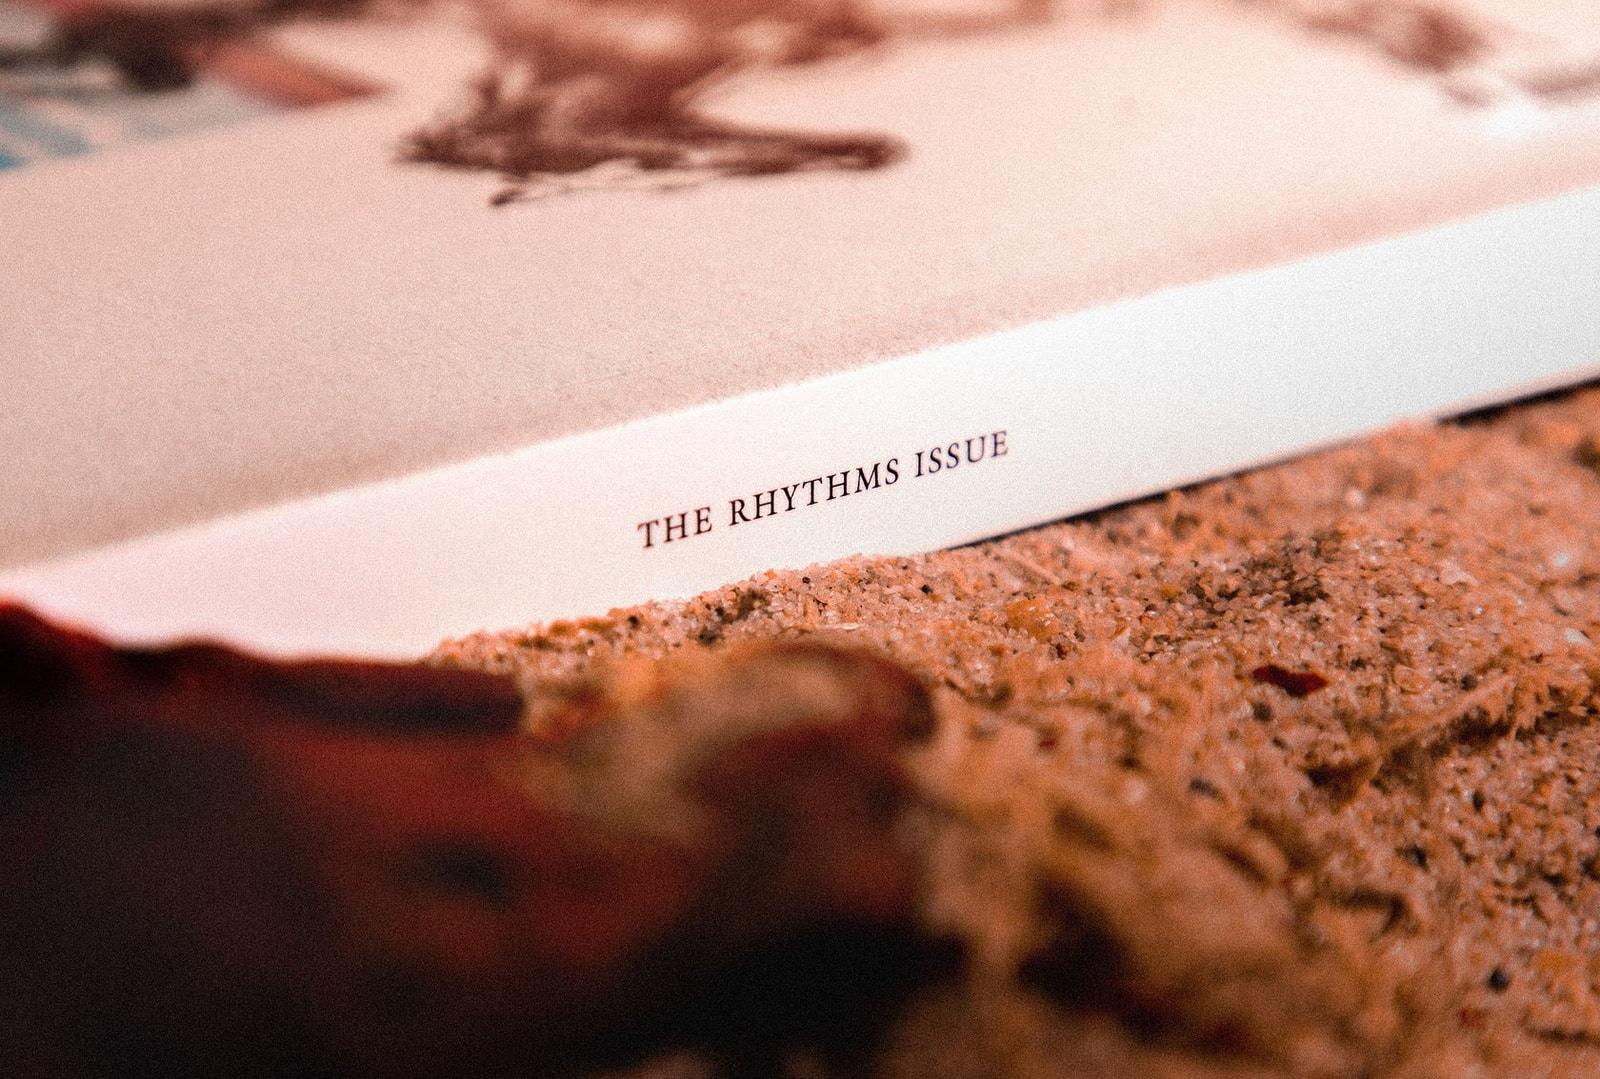 找回「生而為人」的節奏- HYPEBEAST Magazine 第 26 期:The Rhythm Issue